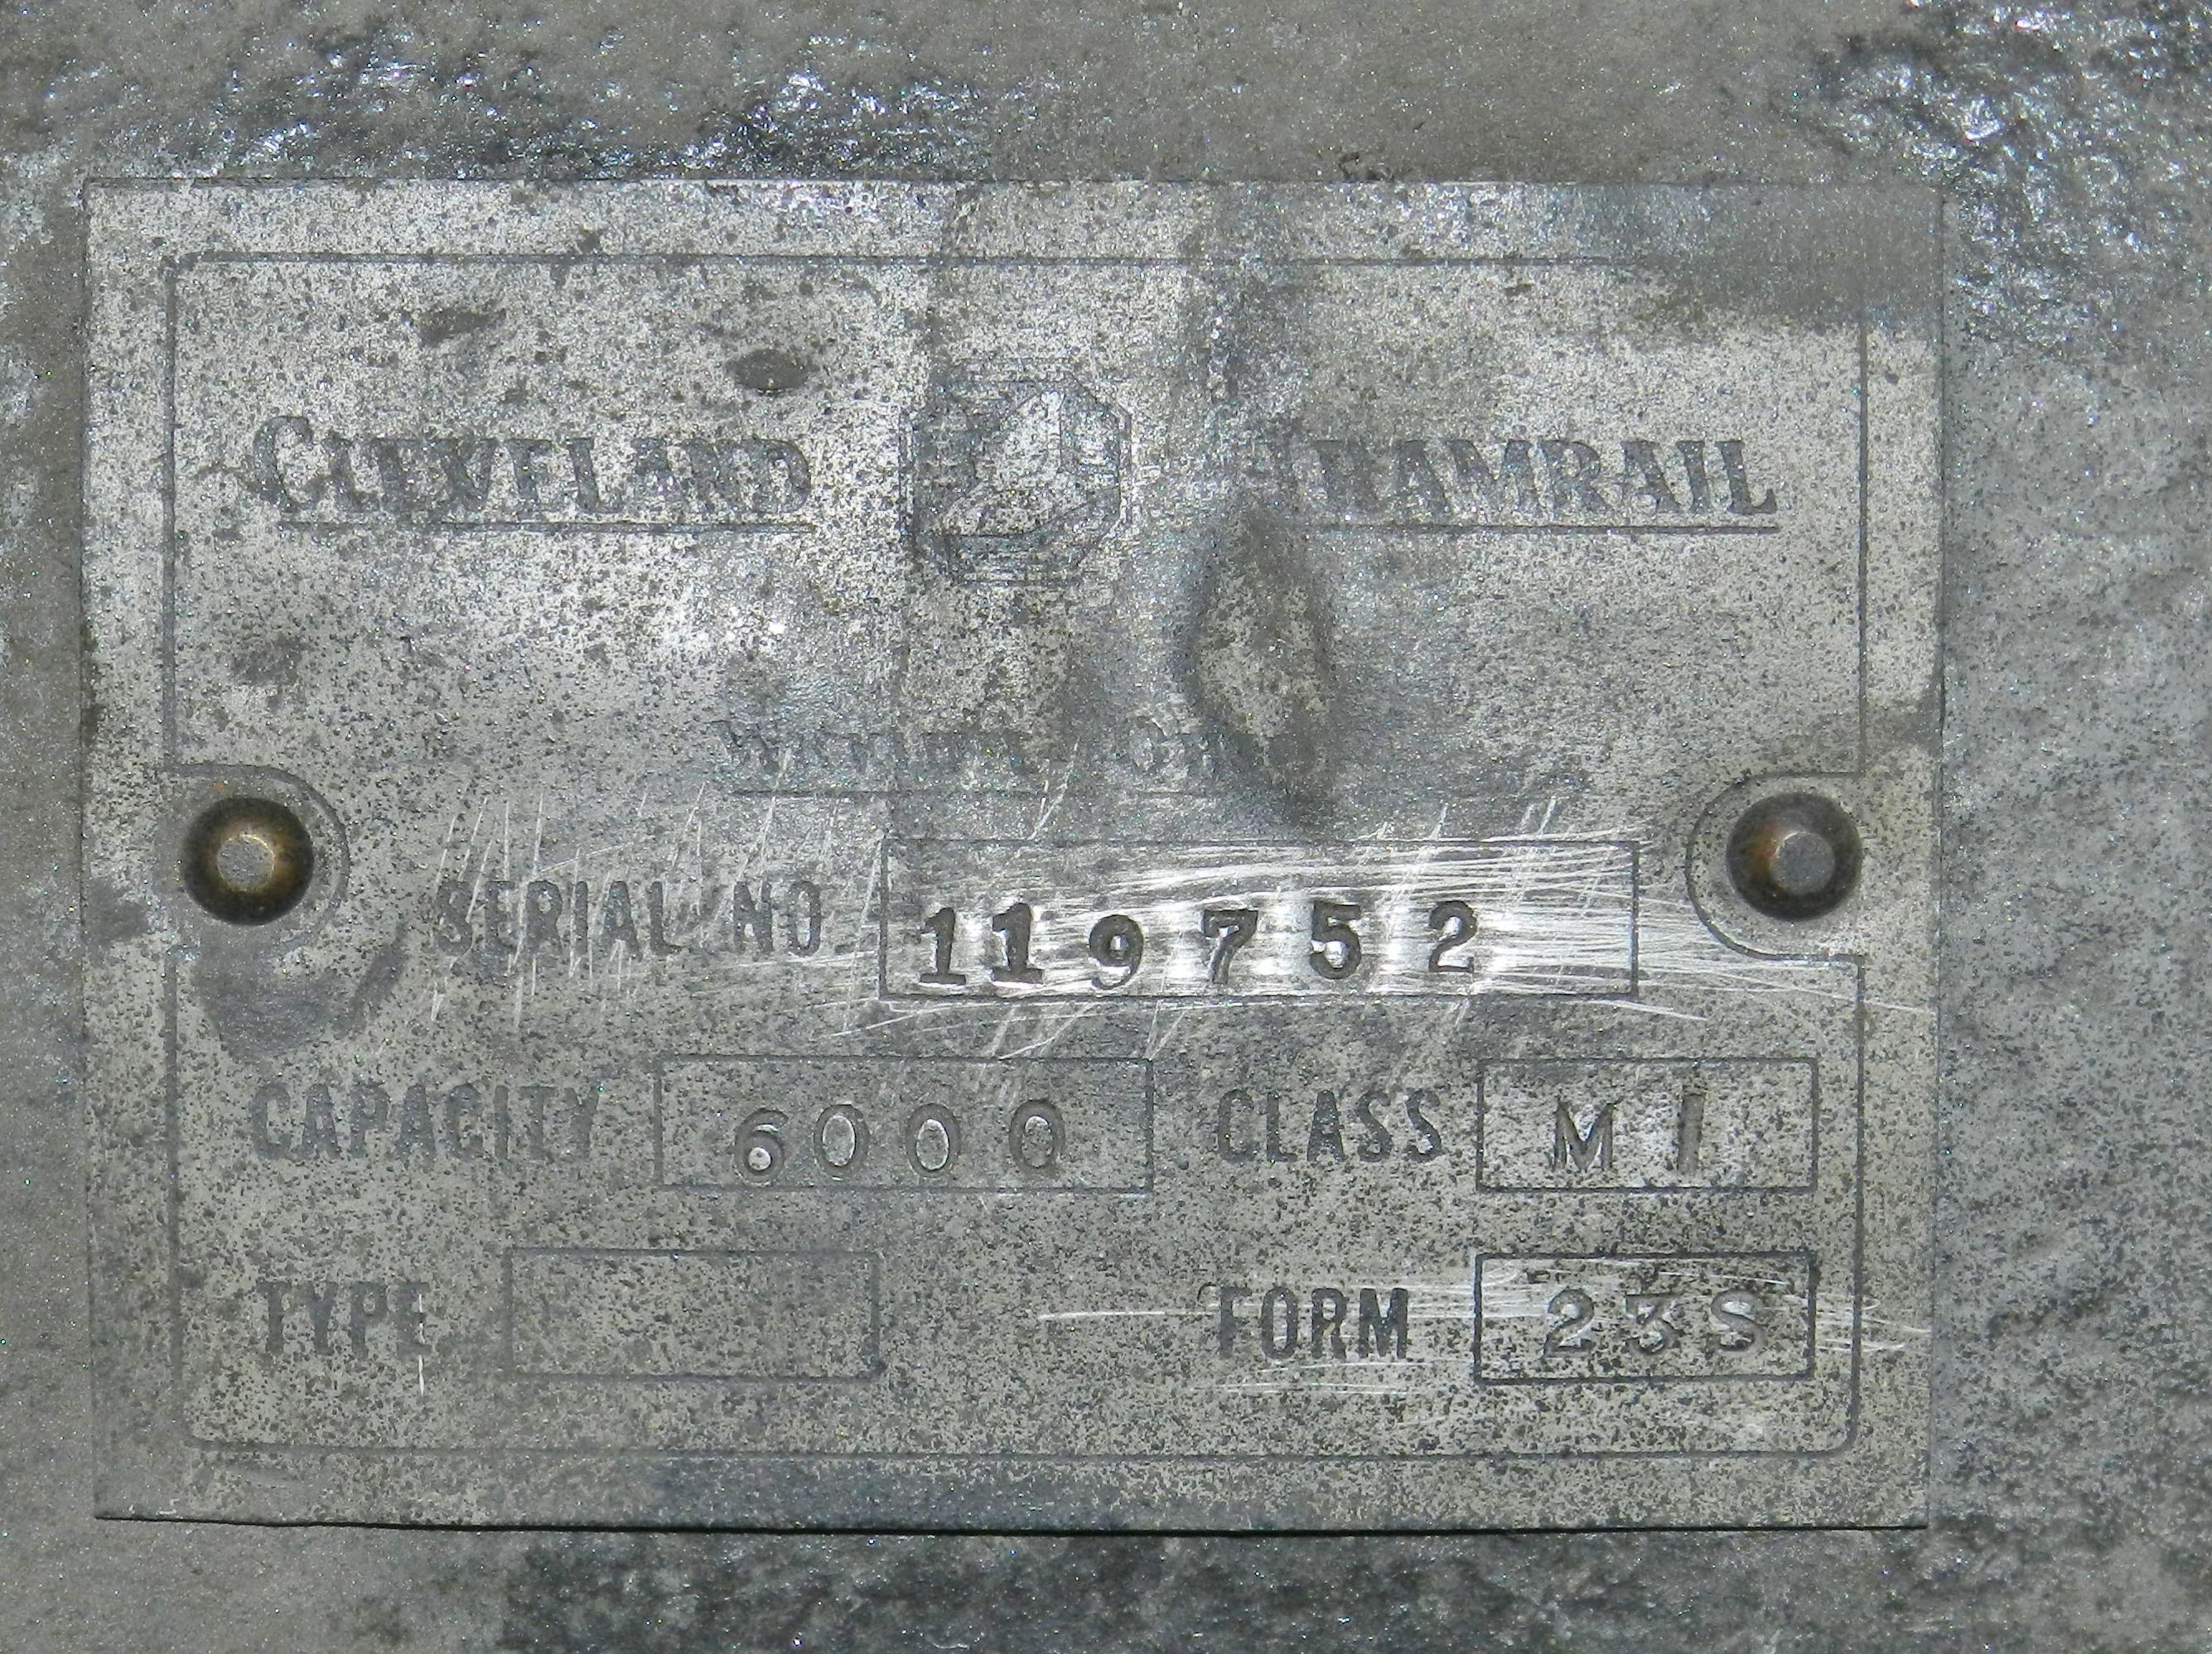 Lot 42 - Cleveland Tramrail 3 Ton Cable Hoist